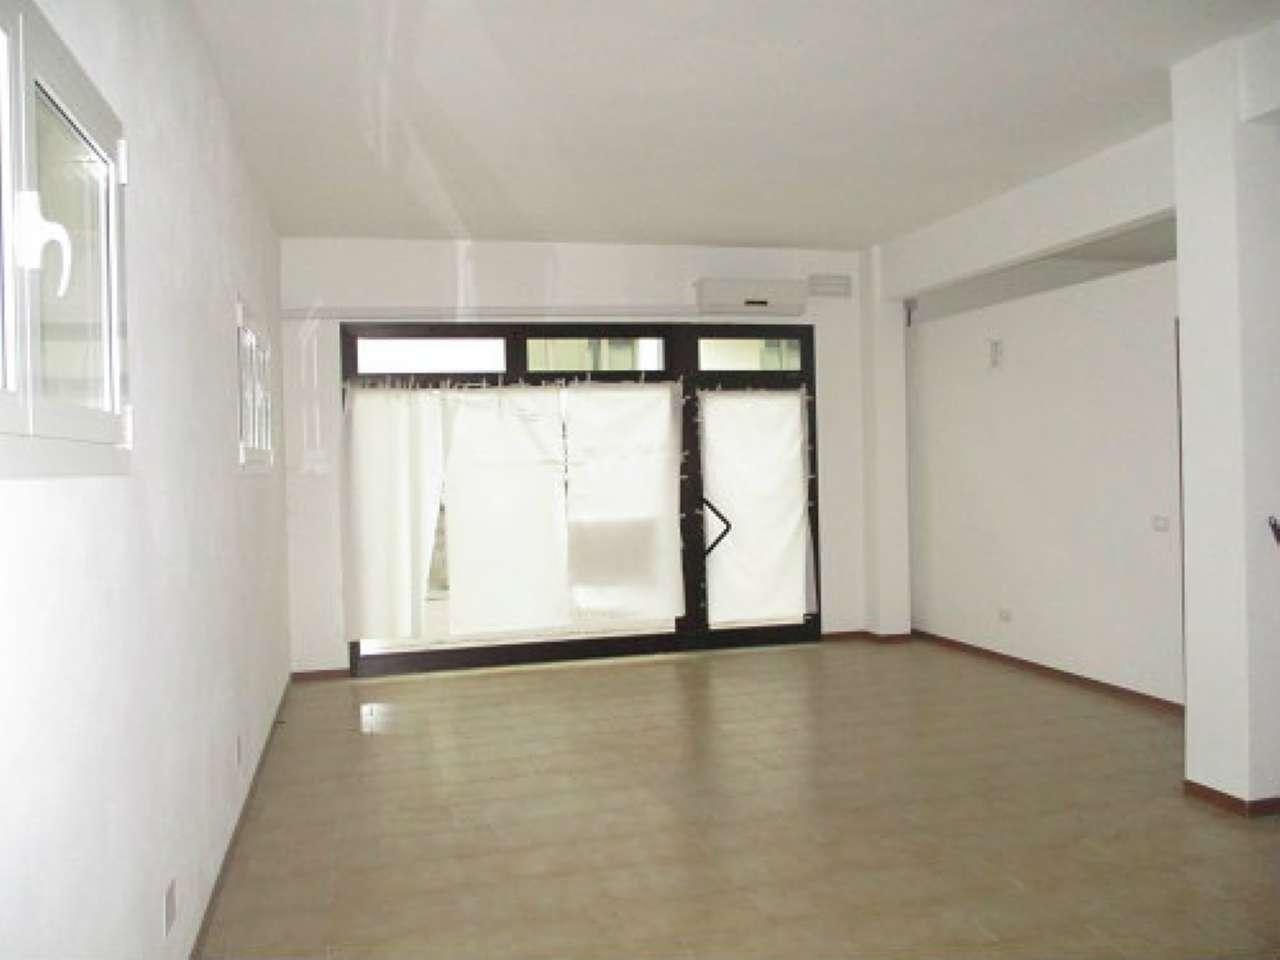 Ufficio / Studio in affitto a Spinea, 4 locali, prezzo € 1.200 | Cambio Casa.it